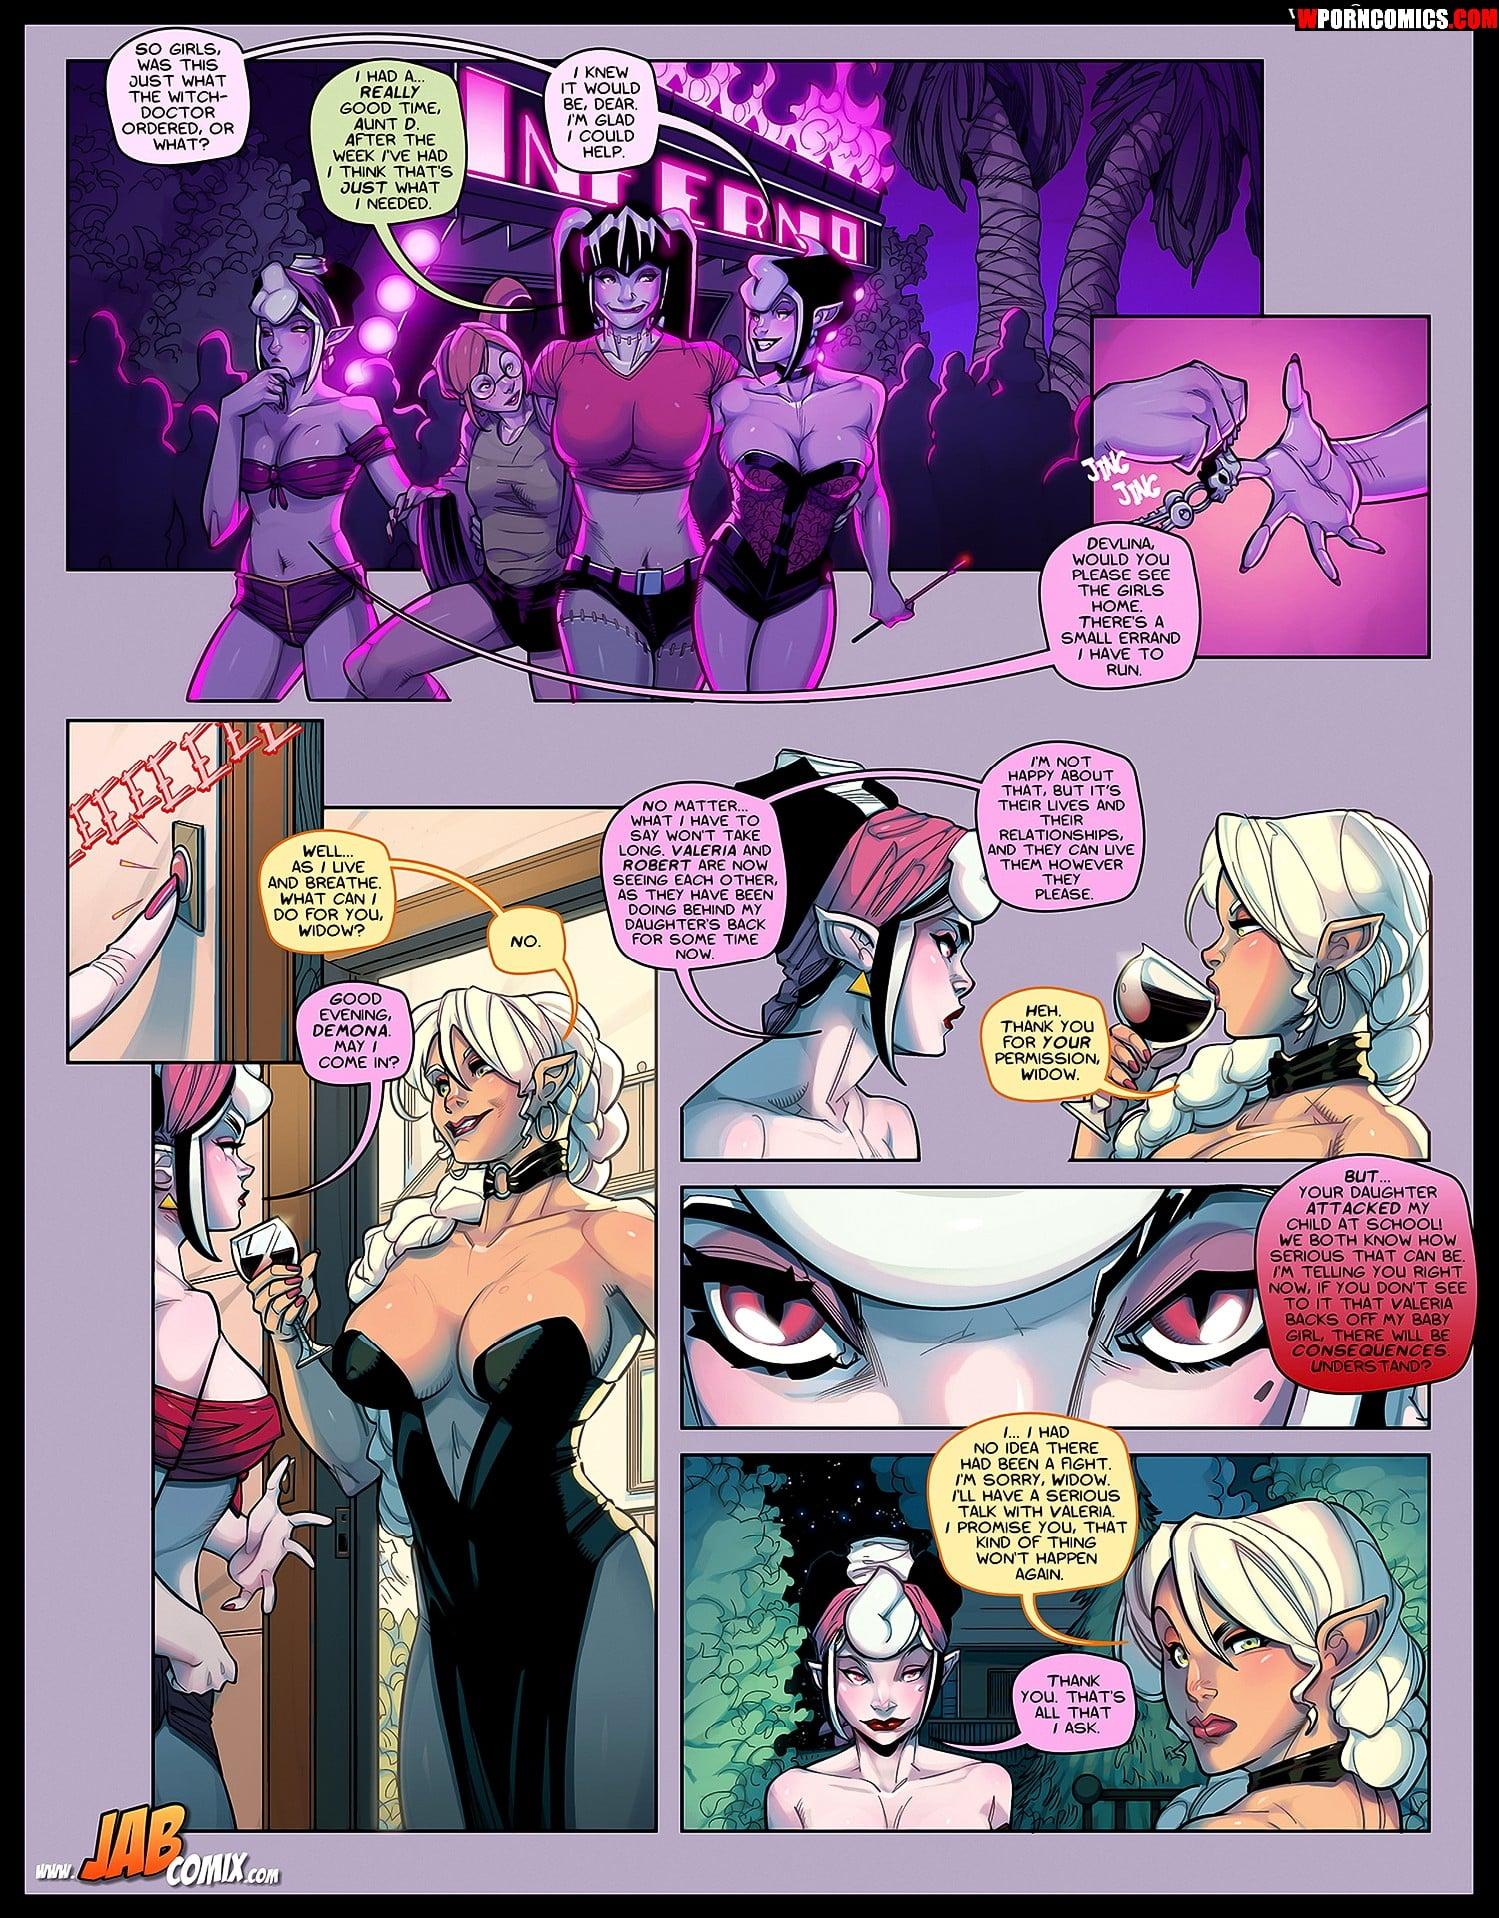 porn-comic-the-creepies-part-4-2020-02-14/porn-comic-the-creepies-part-4-2020-02-14-28487.jpg